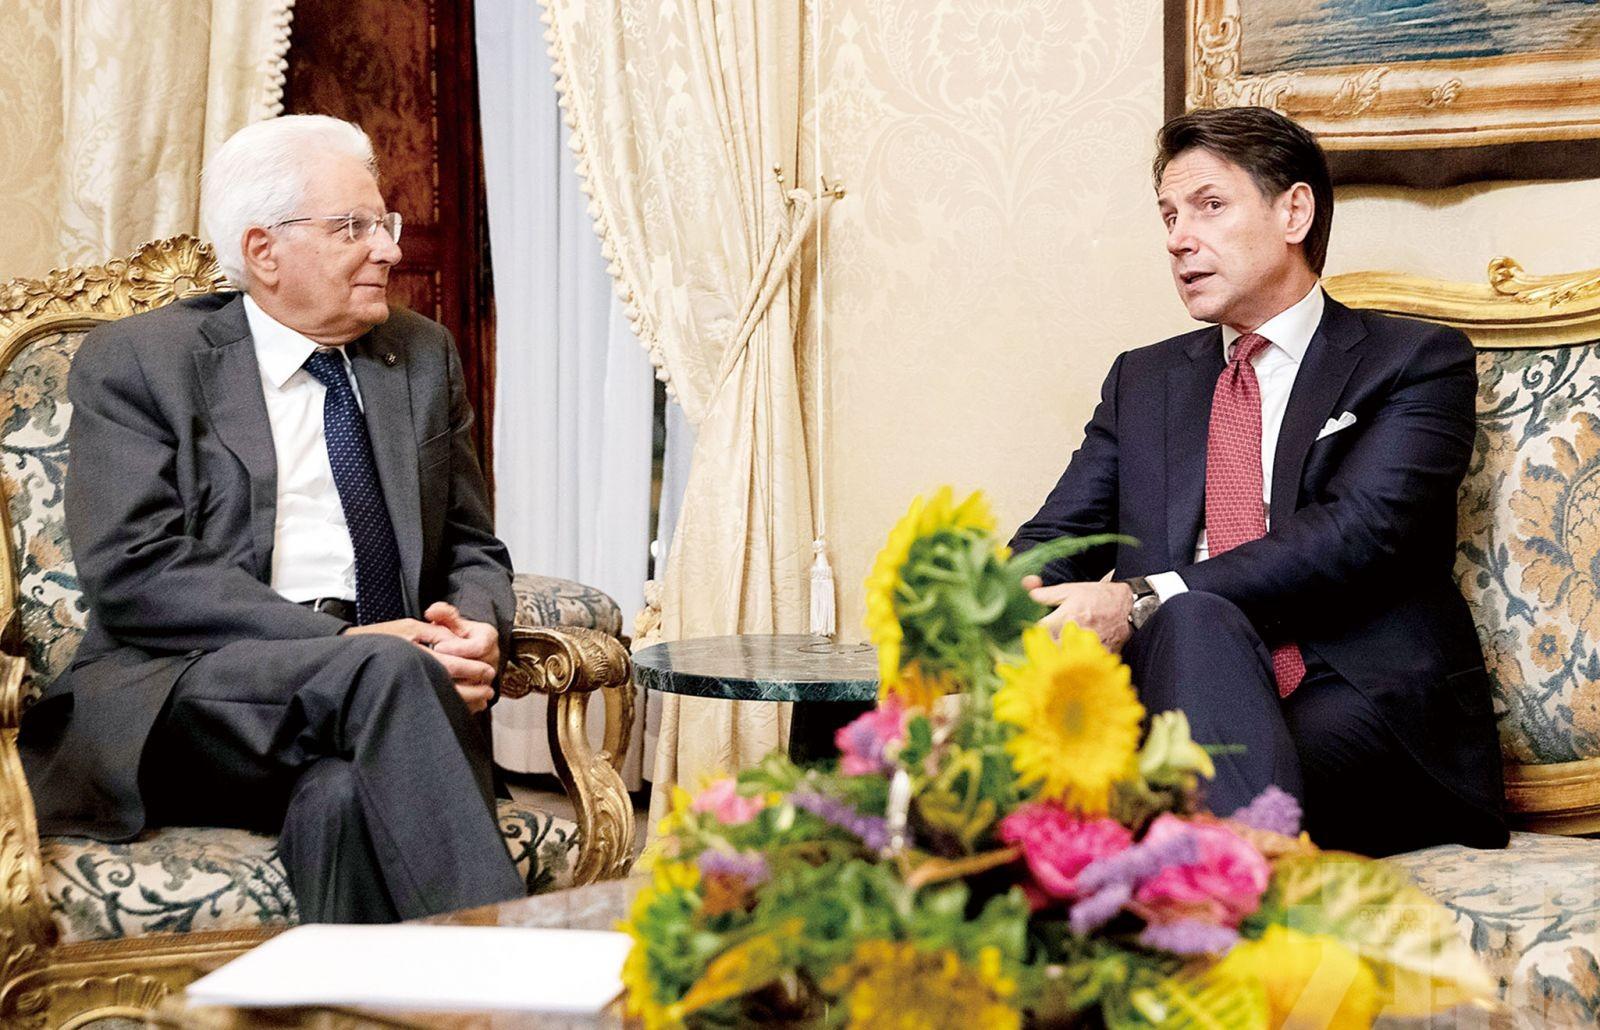 總理辭職 政府分裂 意大利或提前大選